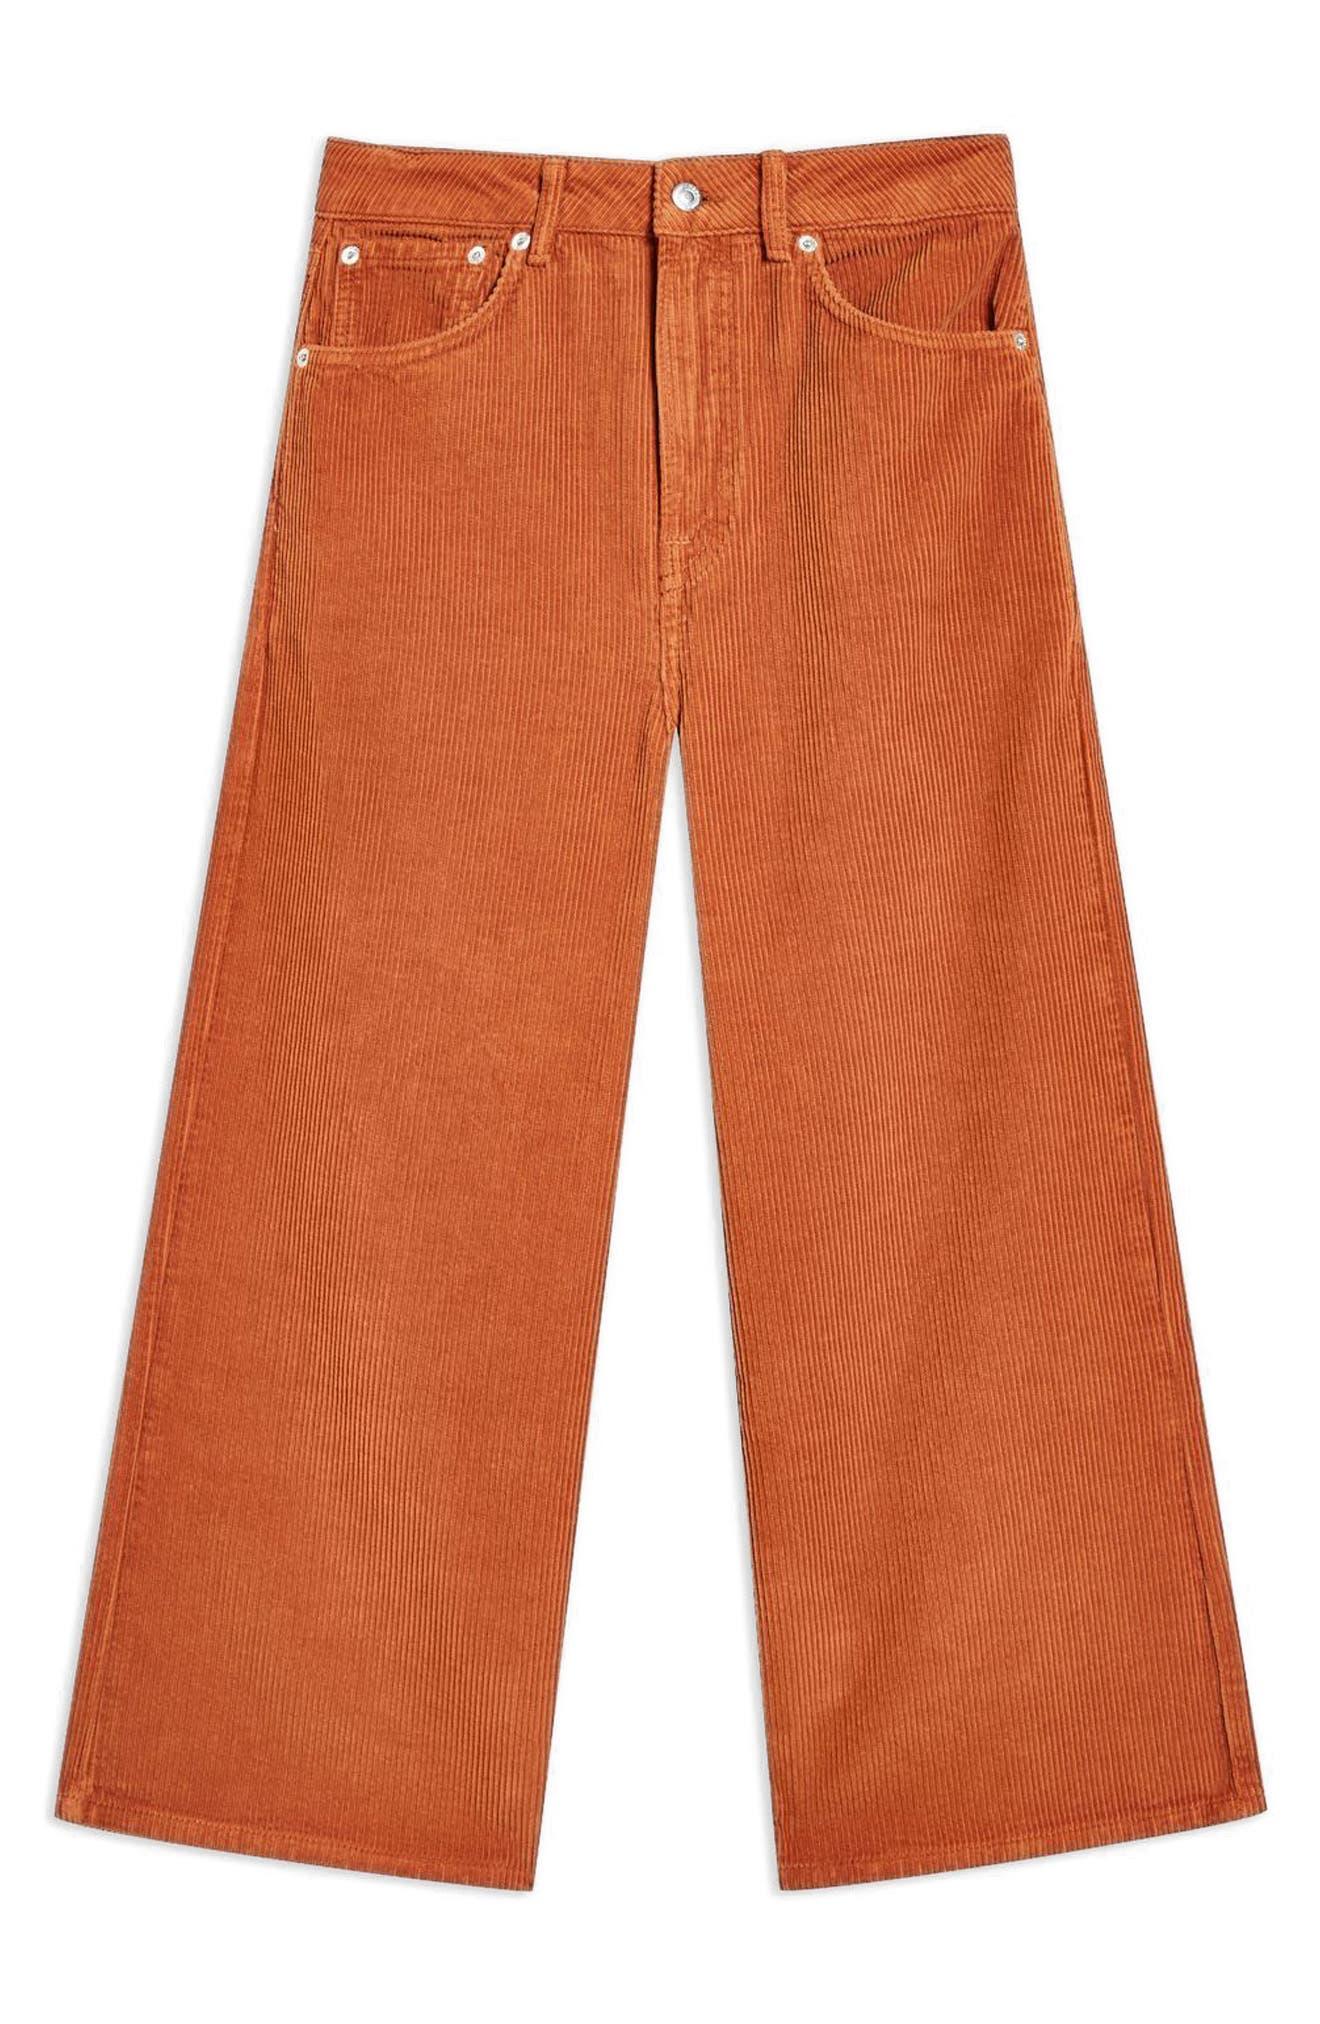 TOPSHOP,                             Wide Leg Corduroy Trousers,                             Alternate thumbnail 3, color,                             210